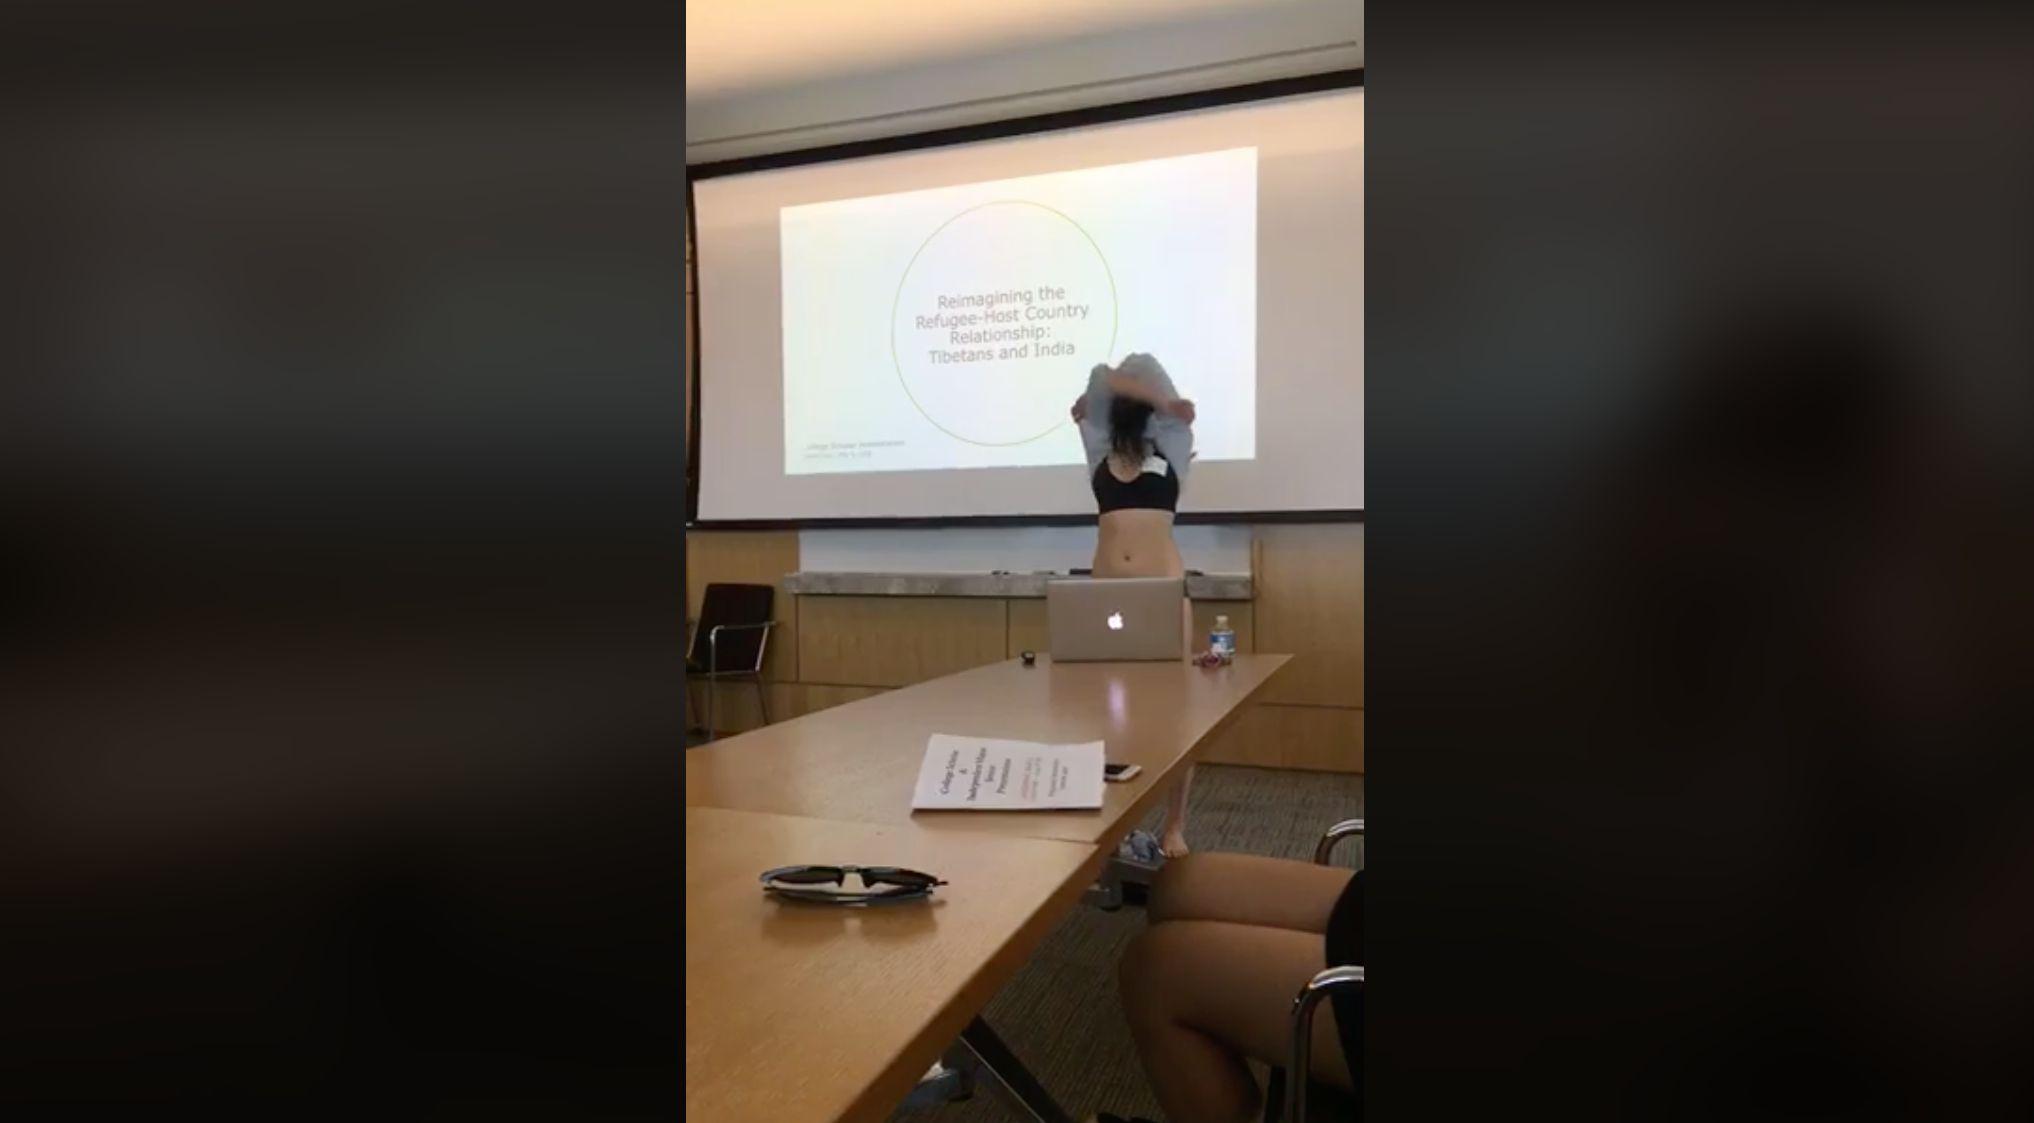 Studentin zieht sich während ihrer Präsentation aus – sie hat einen guten